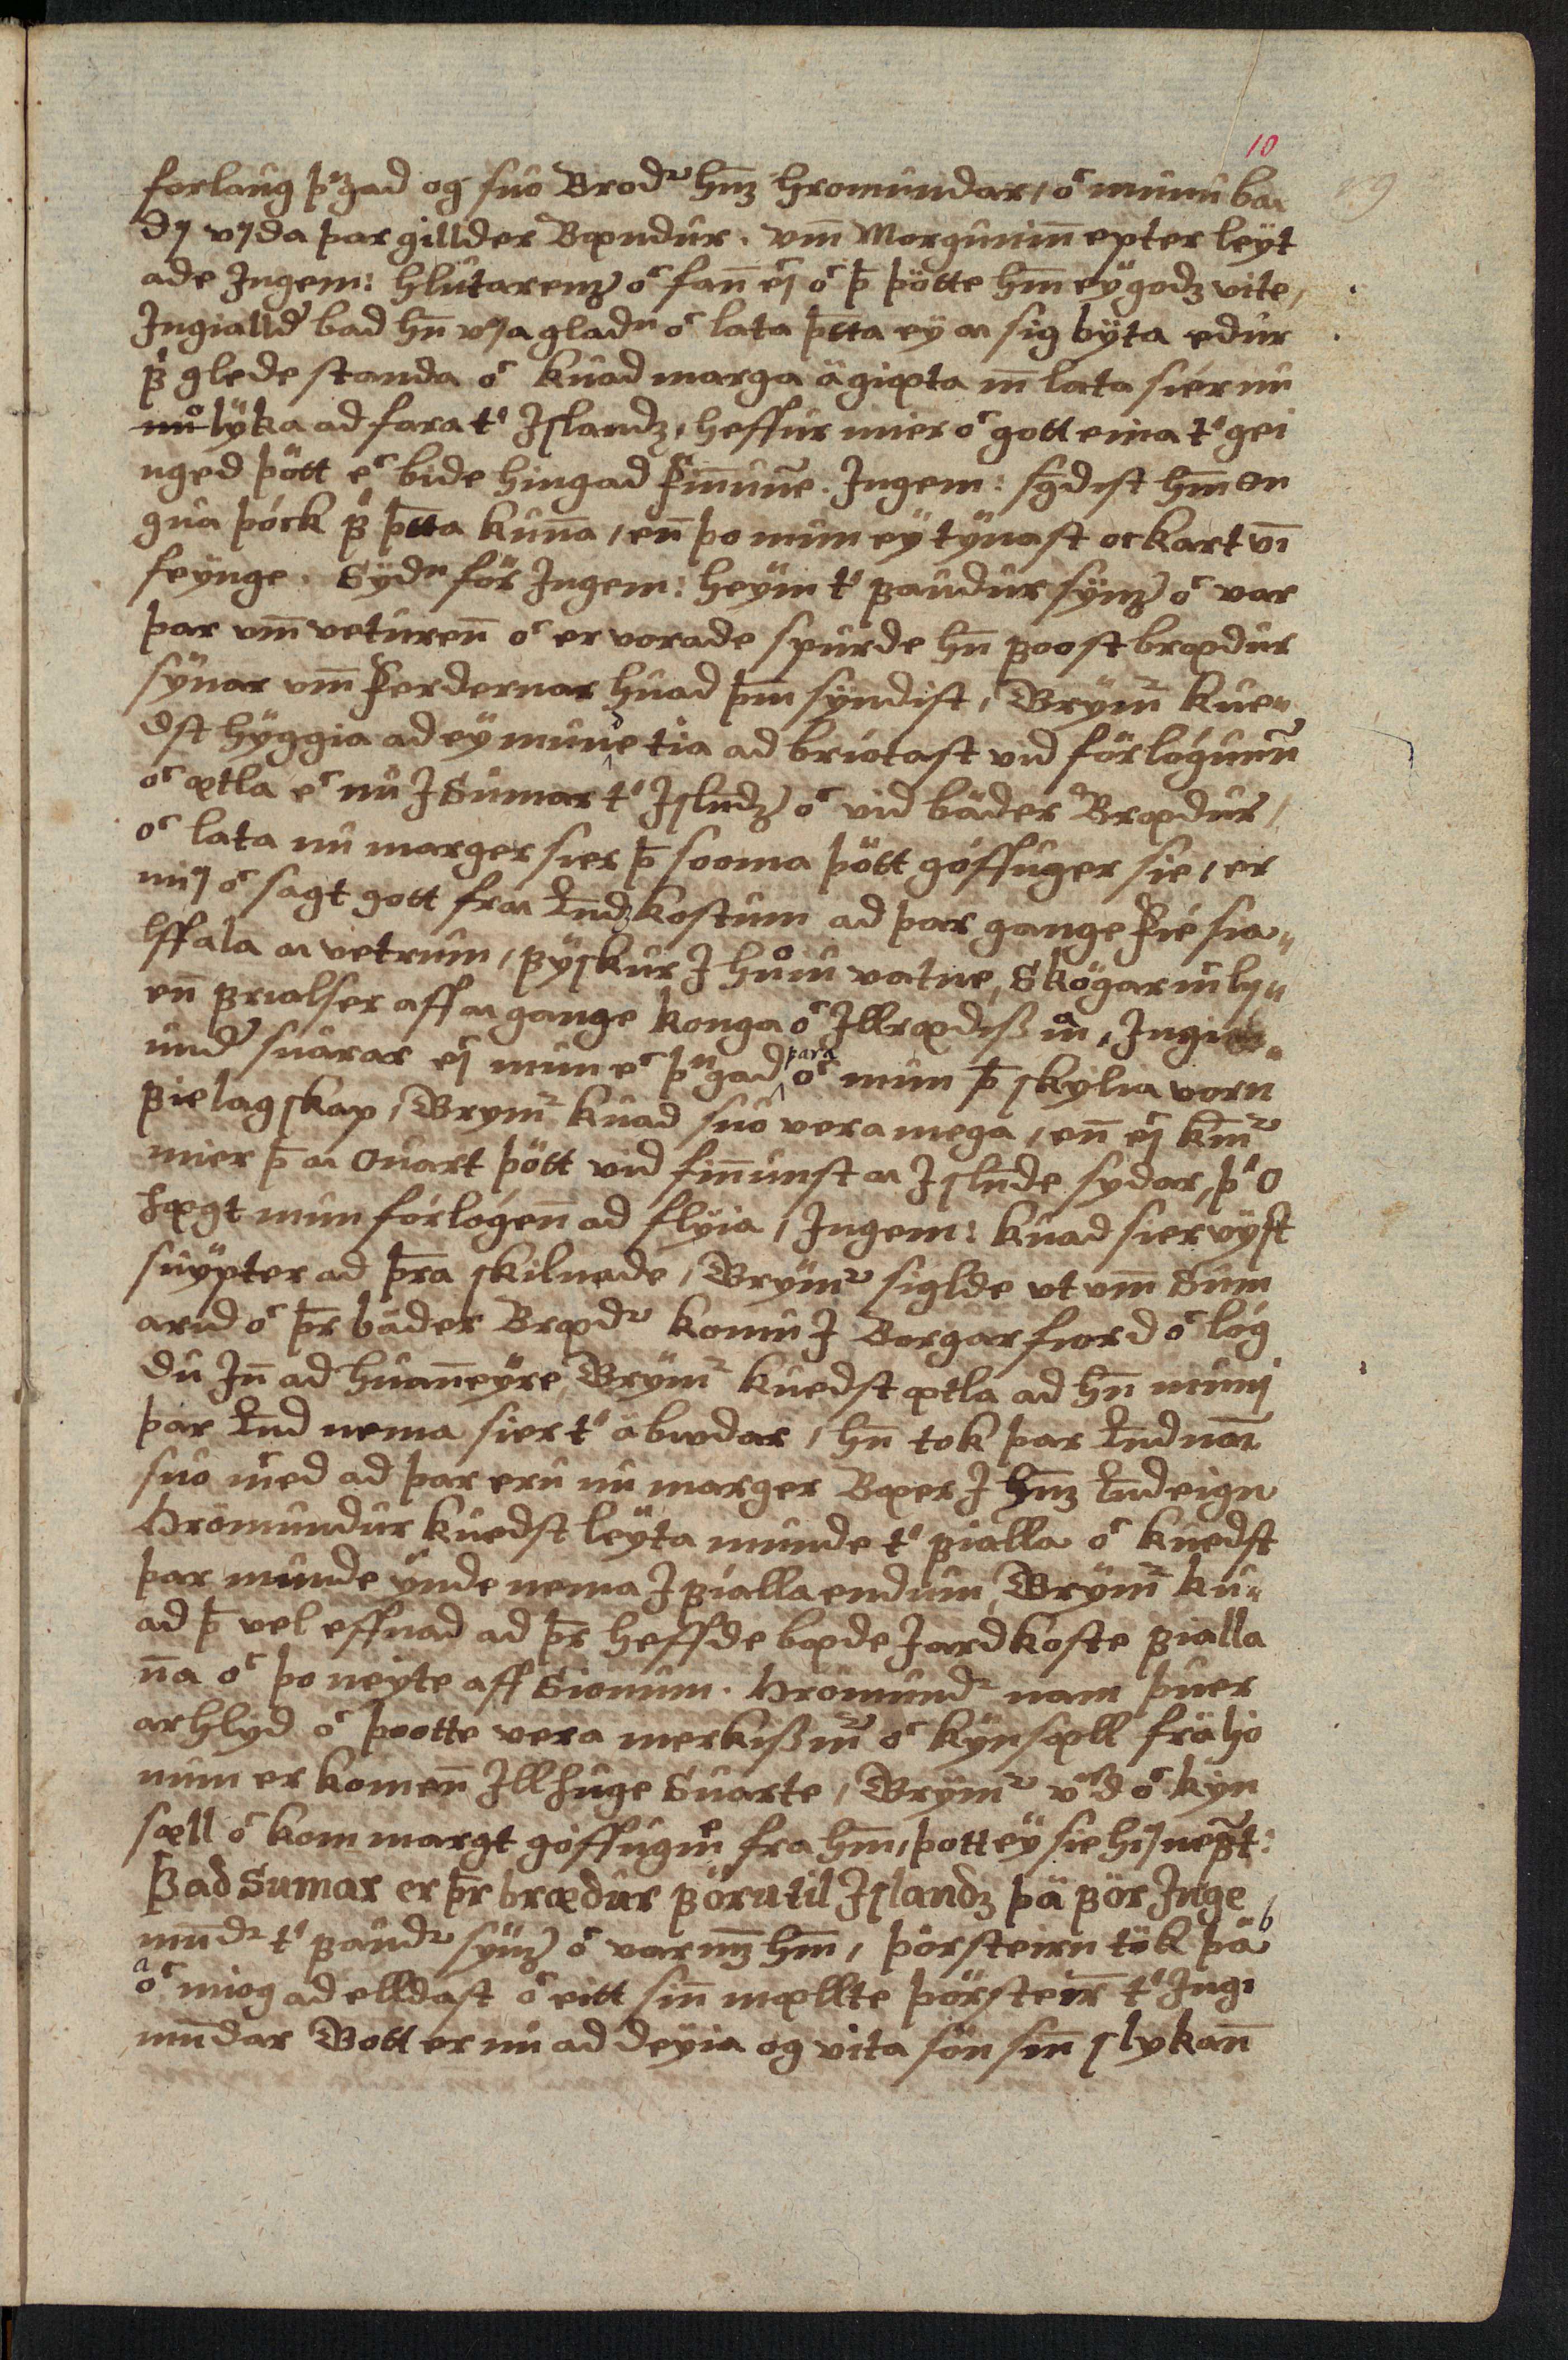 AM 138 fol - 10r